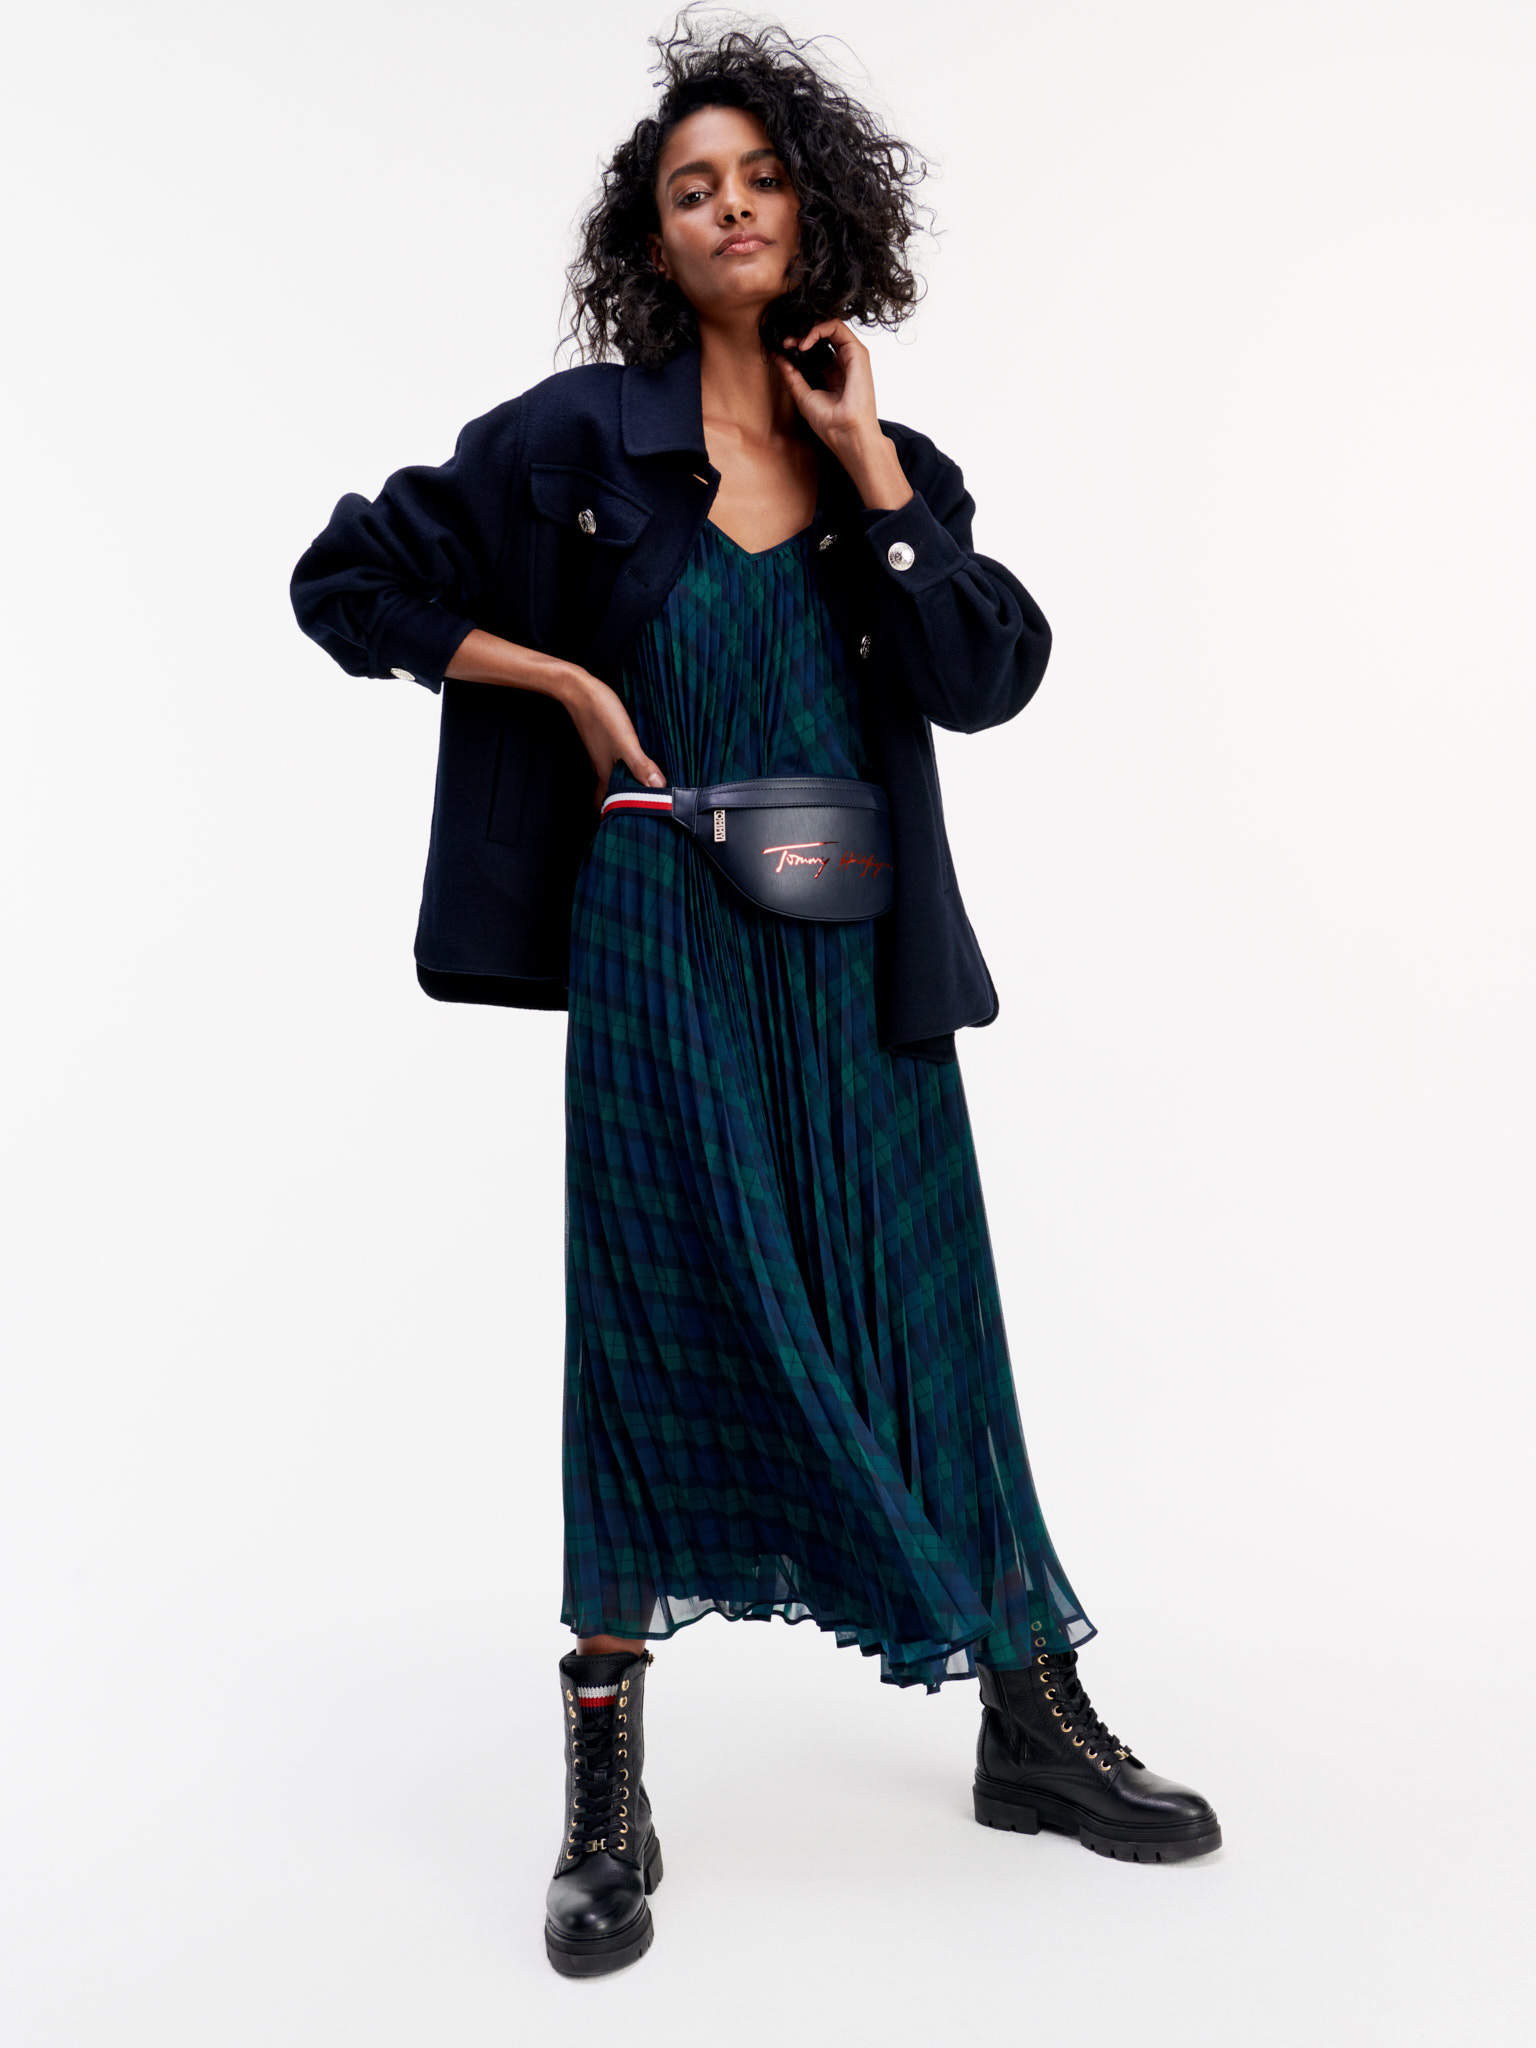 fa20_womenswear_look17